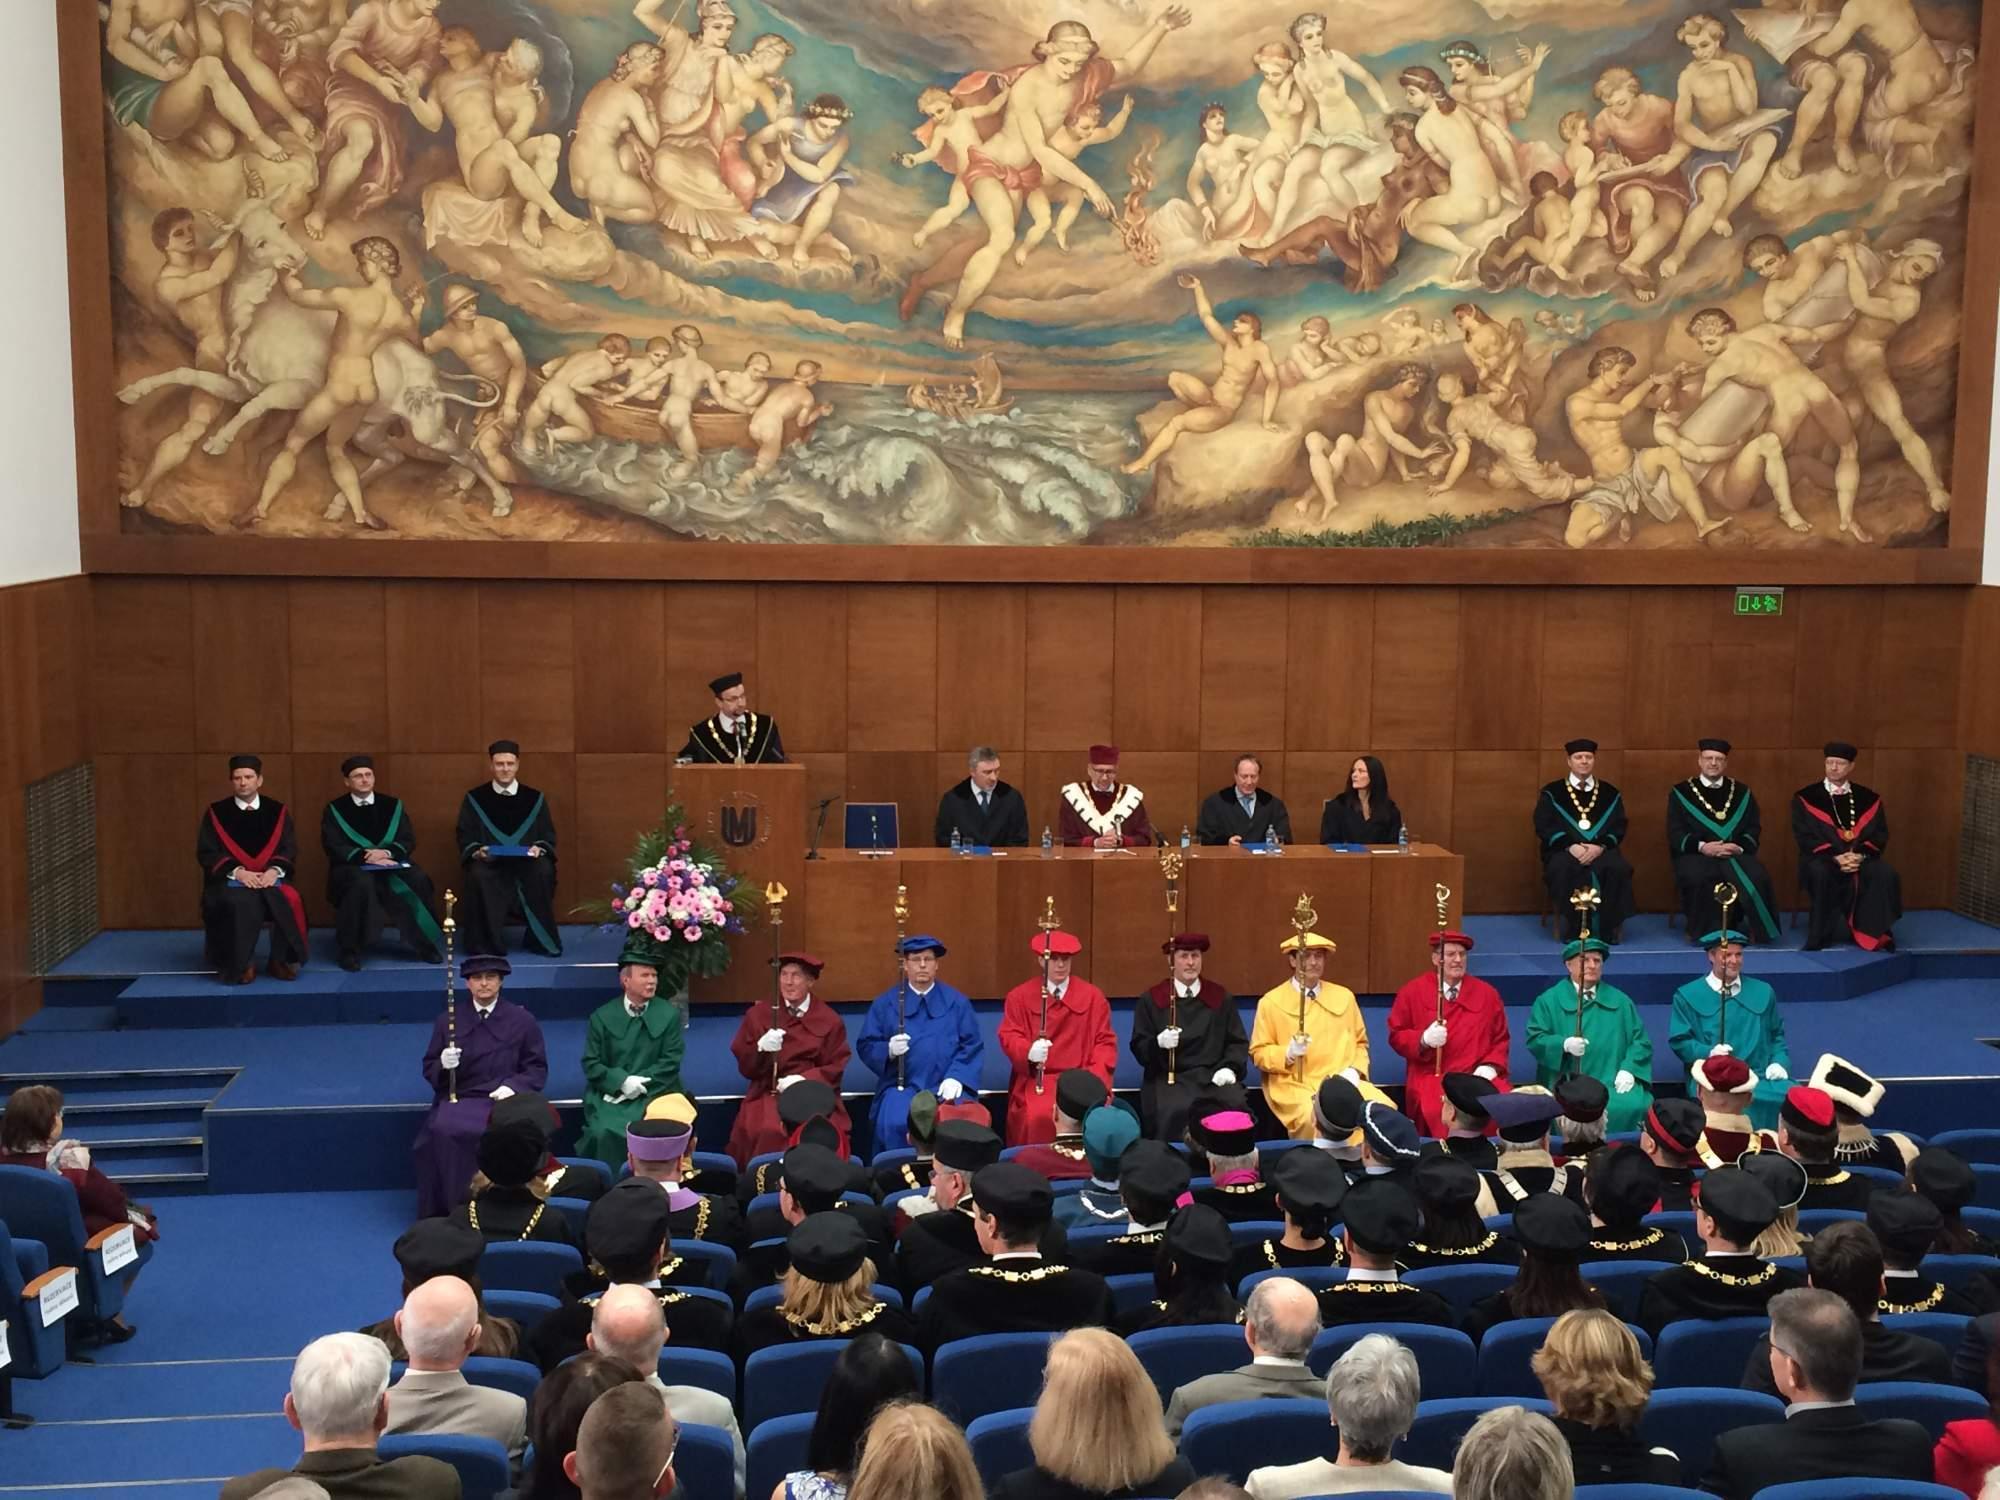 Inaugurácia nových dekanov v budove Právnickej fakulty